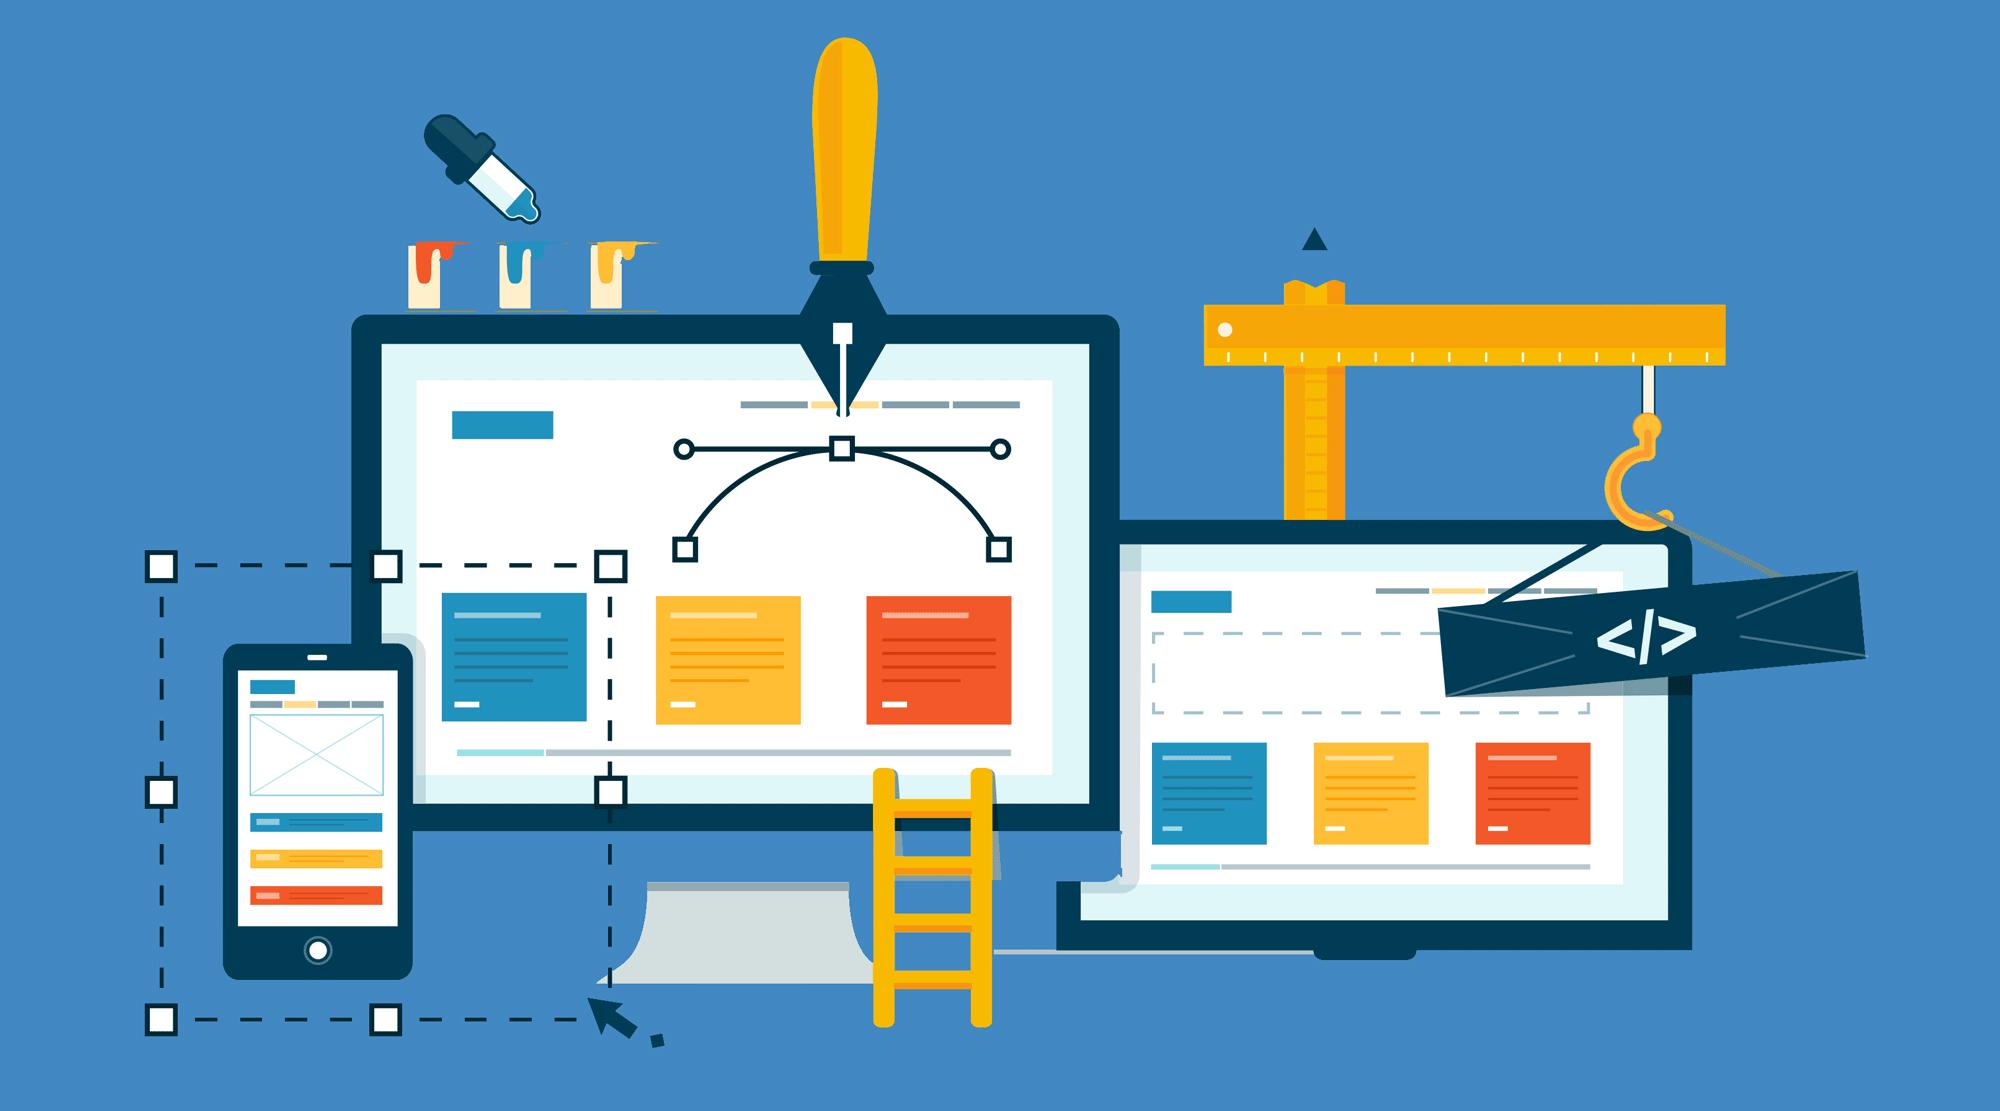 בניית אתר וורדפרס, בניית אתרים, חנות אינטרנטית, בניית אתר תדמיתי